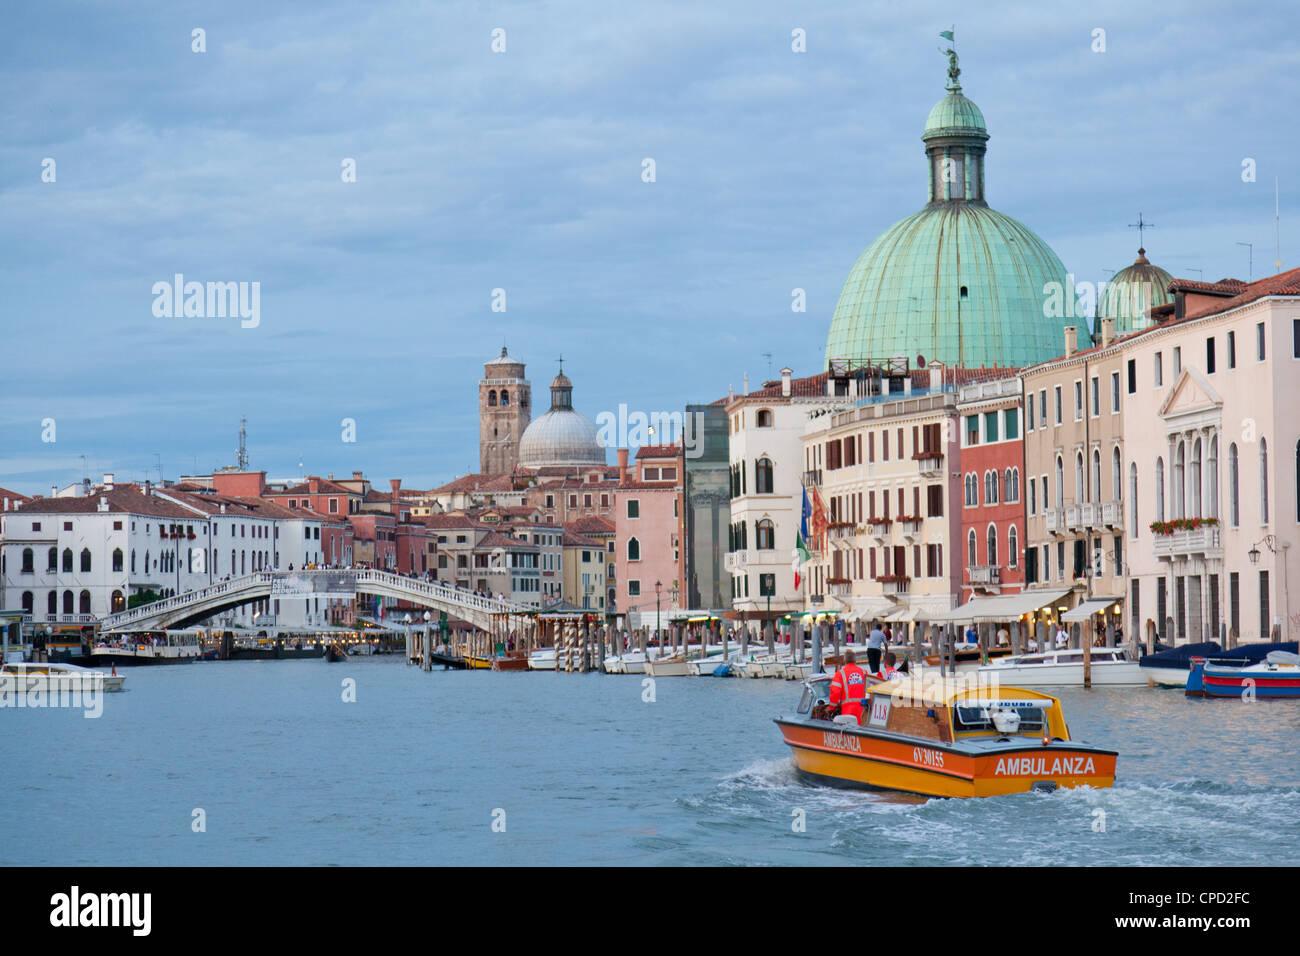 Blick auf den Canal Grande vor dem Bahnhof von einem öffentlichen Wasserbus, Venedig, Veneto, Italien, Europa Stockbild